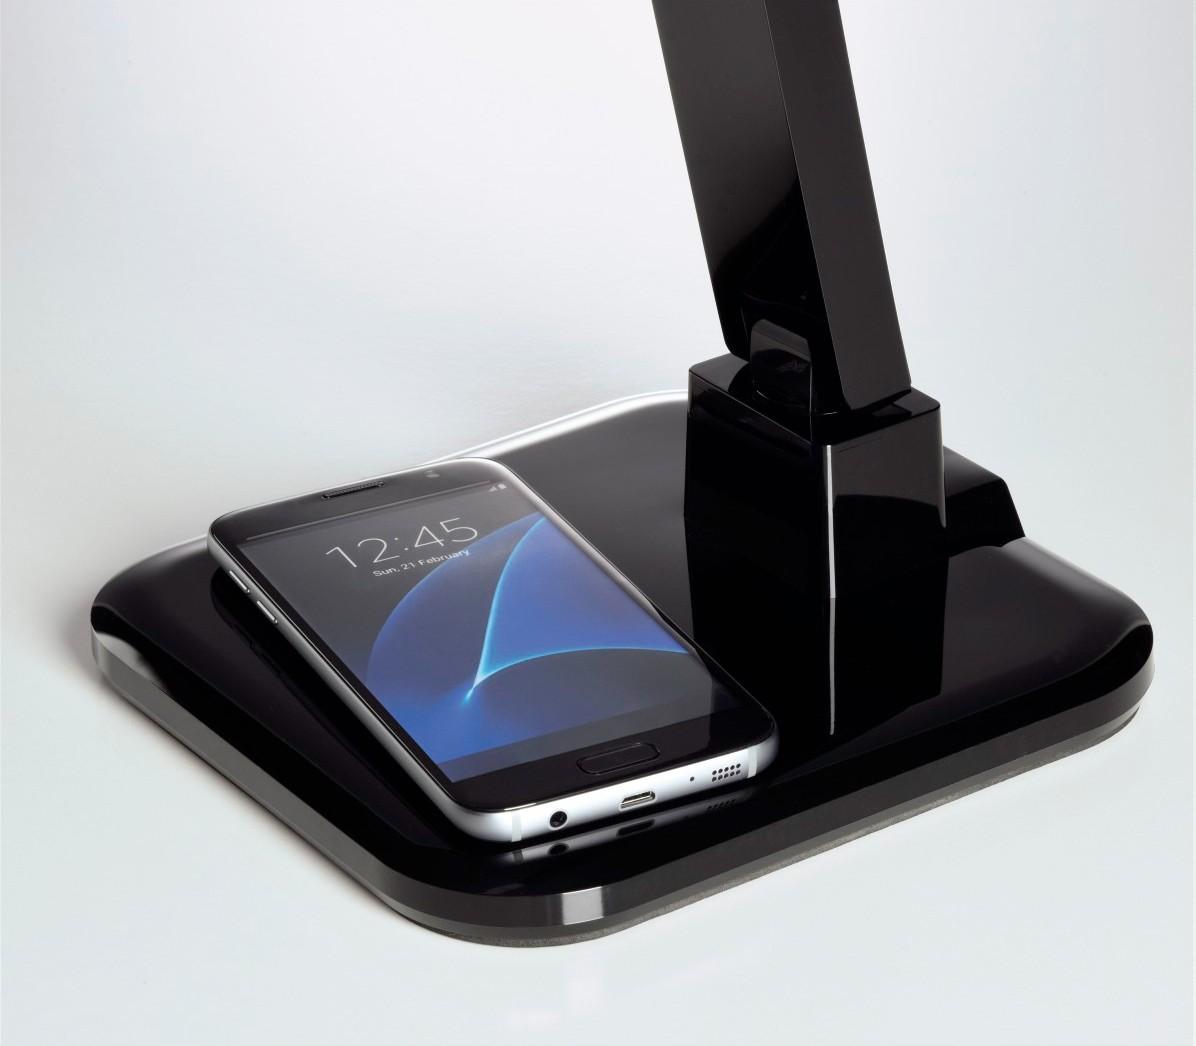 neue hama schreibtischleuchte l dt smartphones und tablets kabellos per qi bild 2. Black Bedroom Furniture Sets. Home Design Ideas